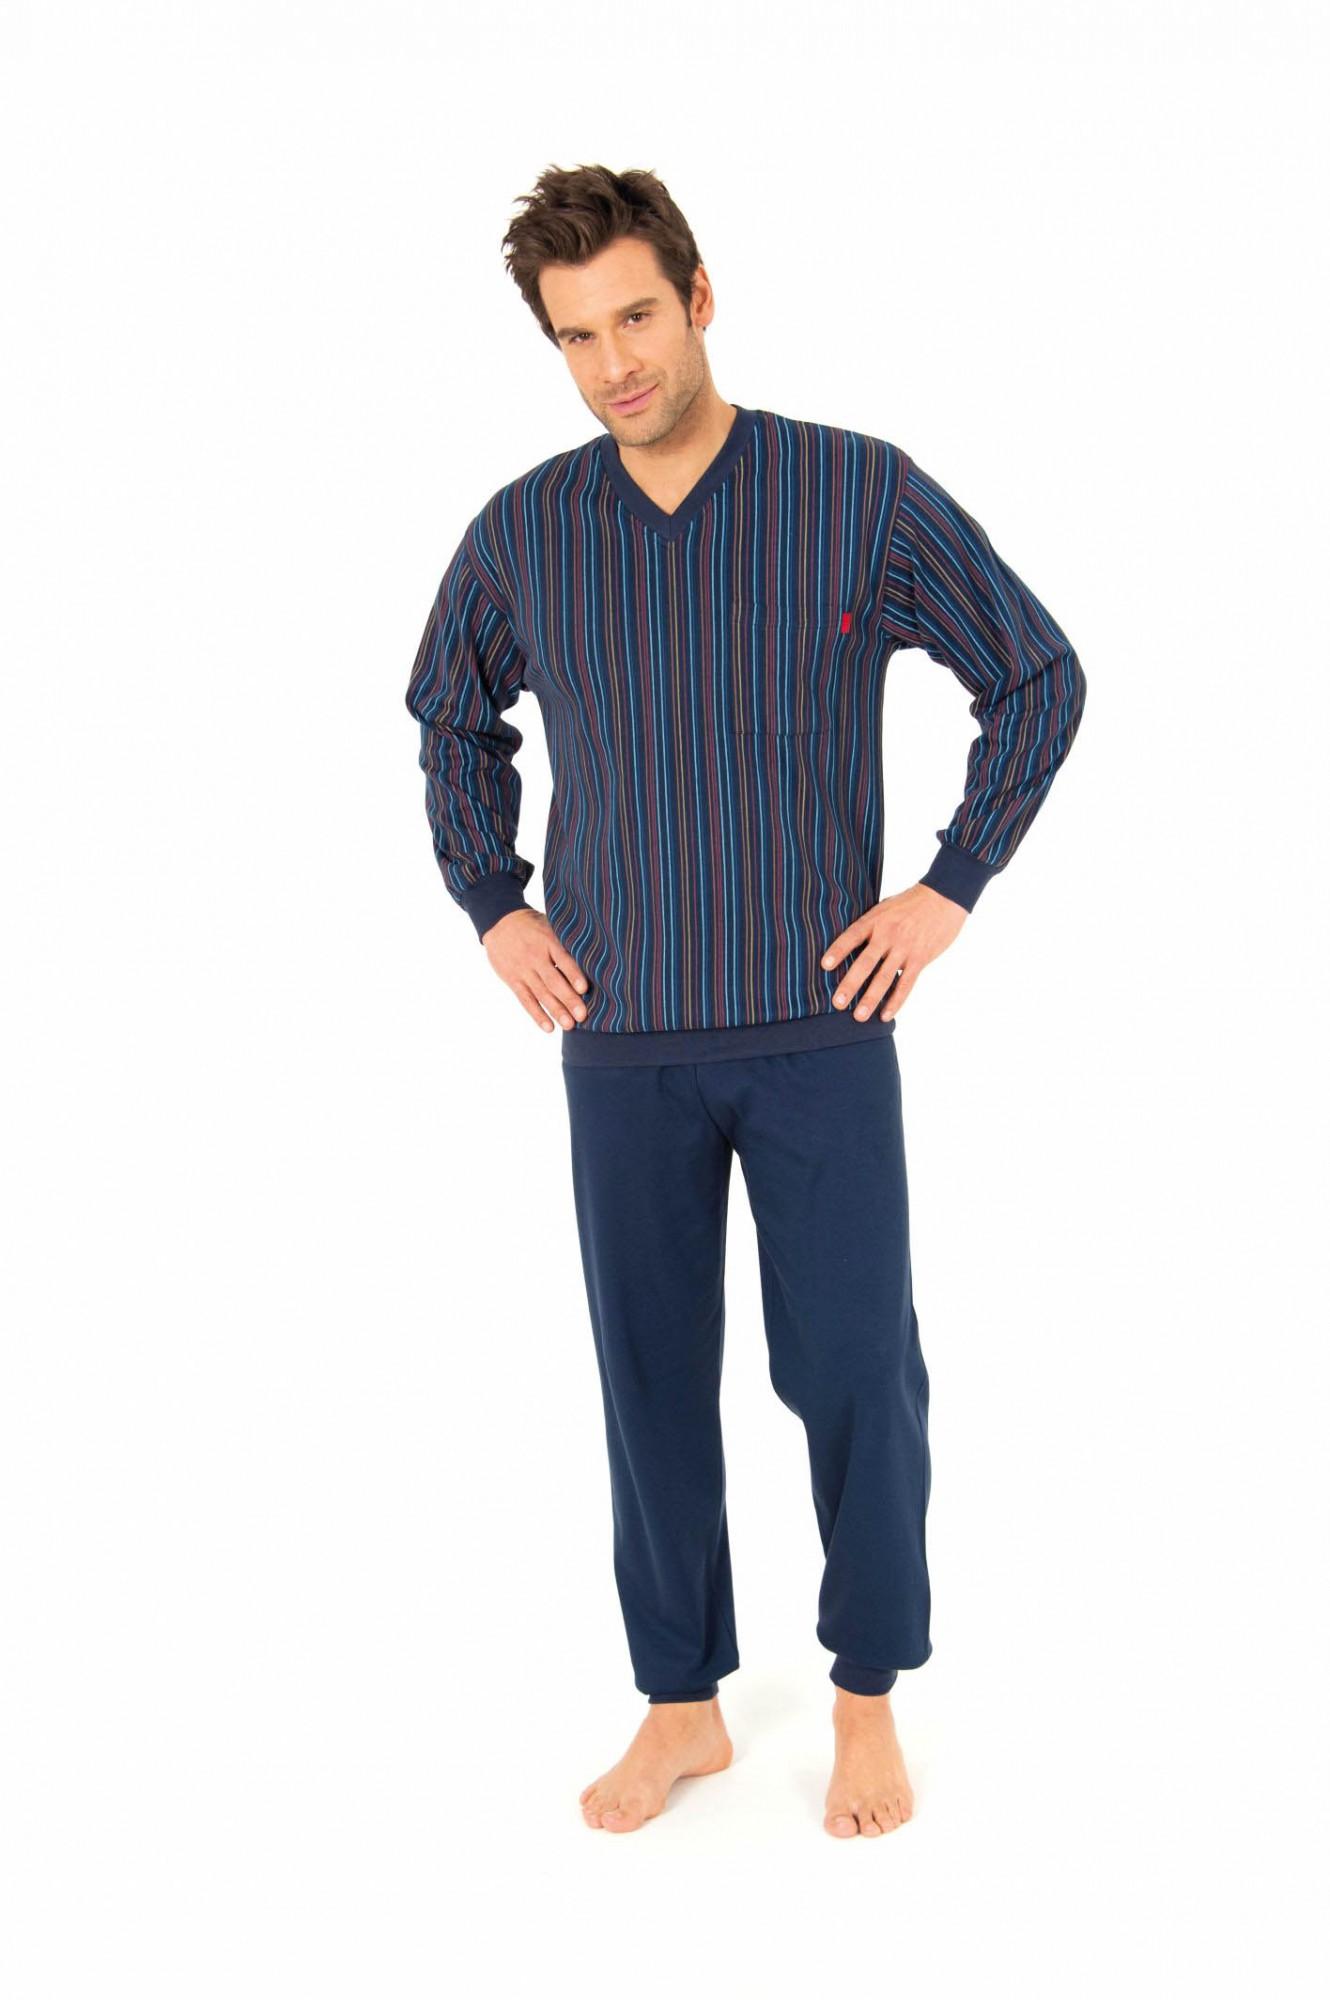 Pyjama lang mit Bündchen, Interlock, gestreift, 251 101 96 450